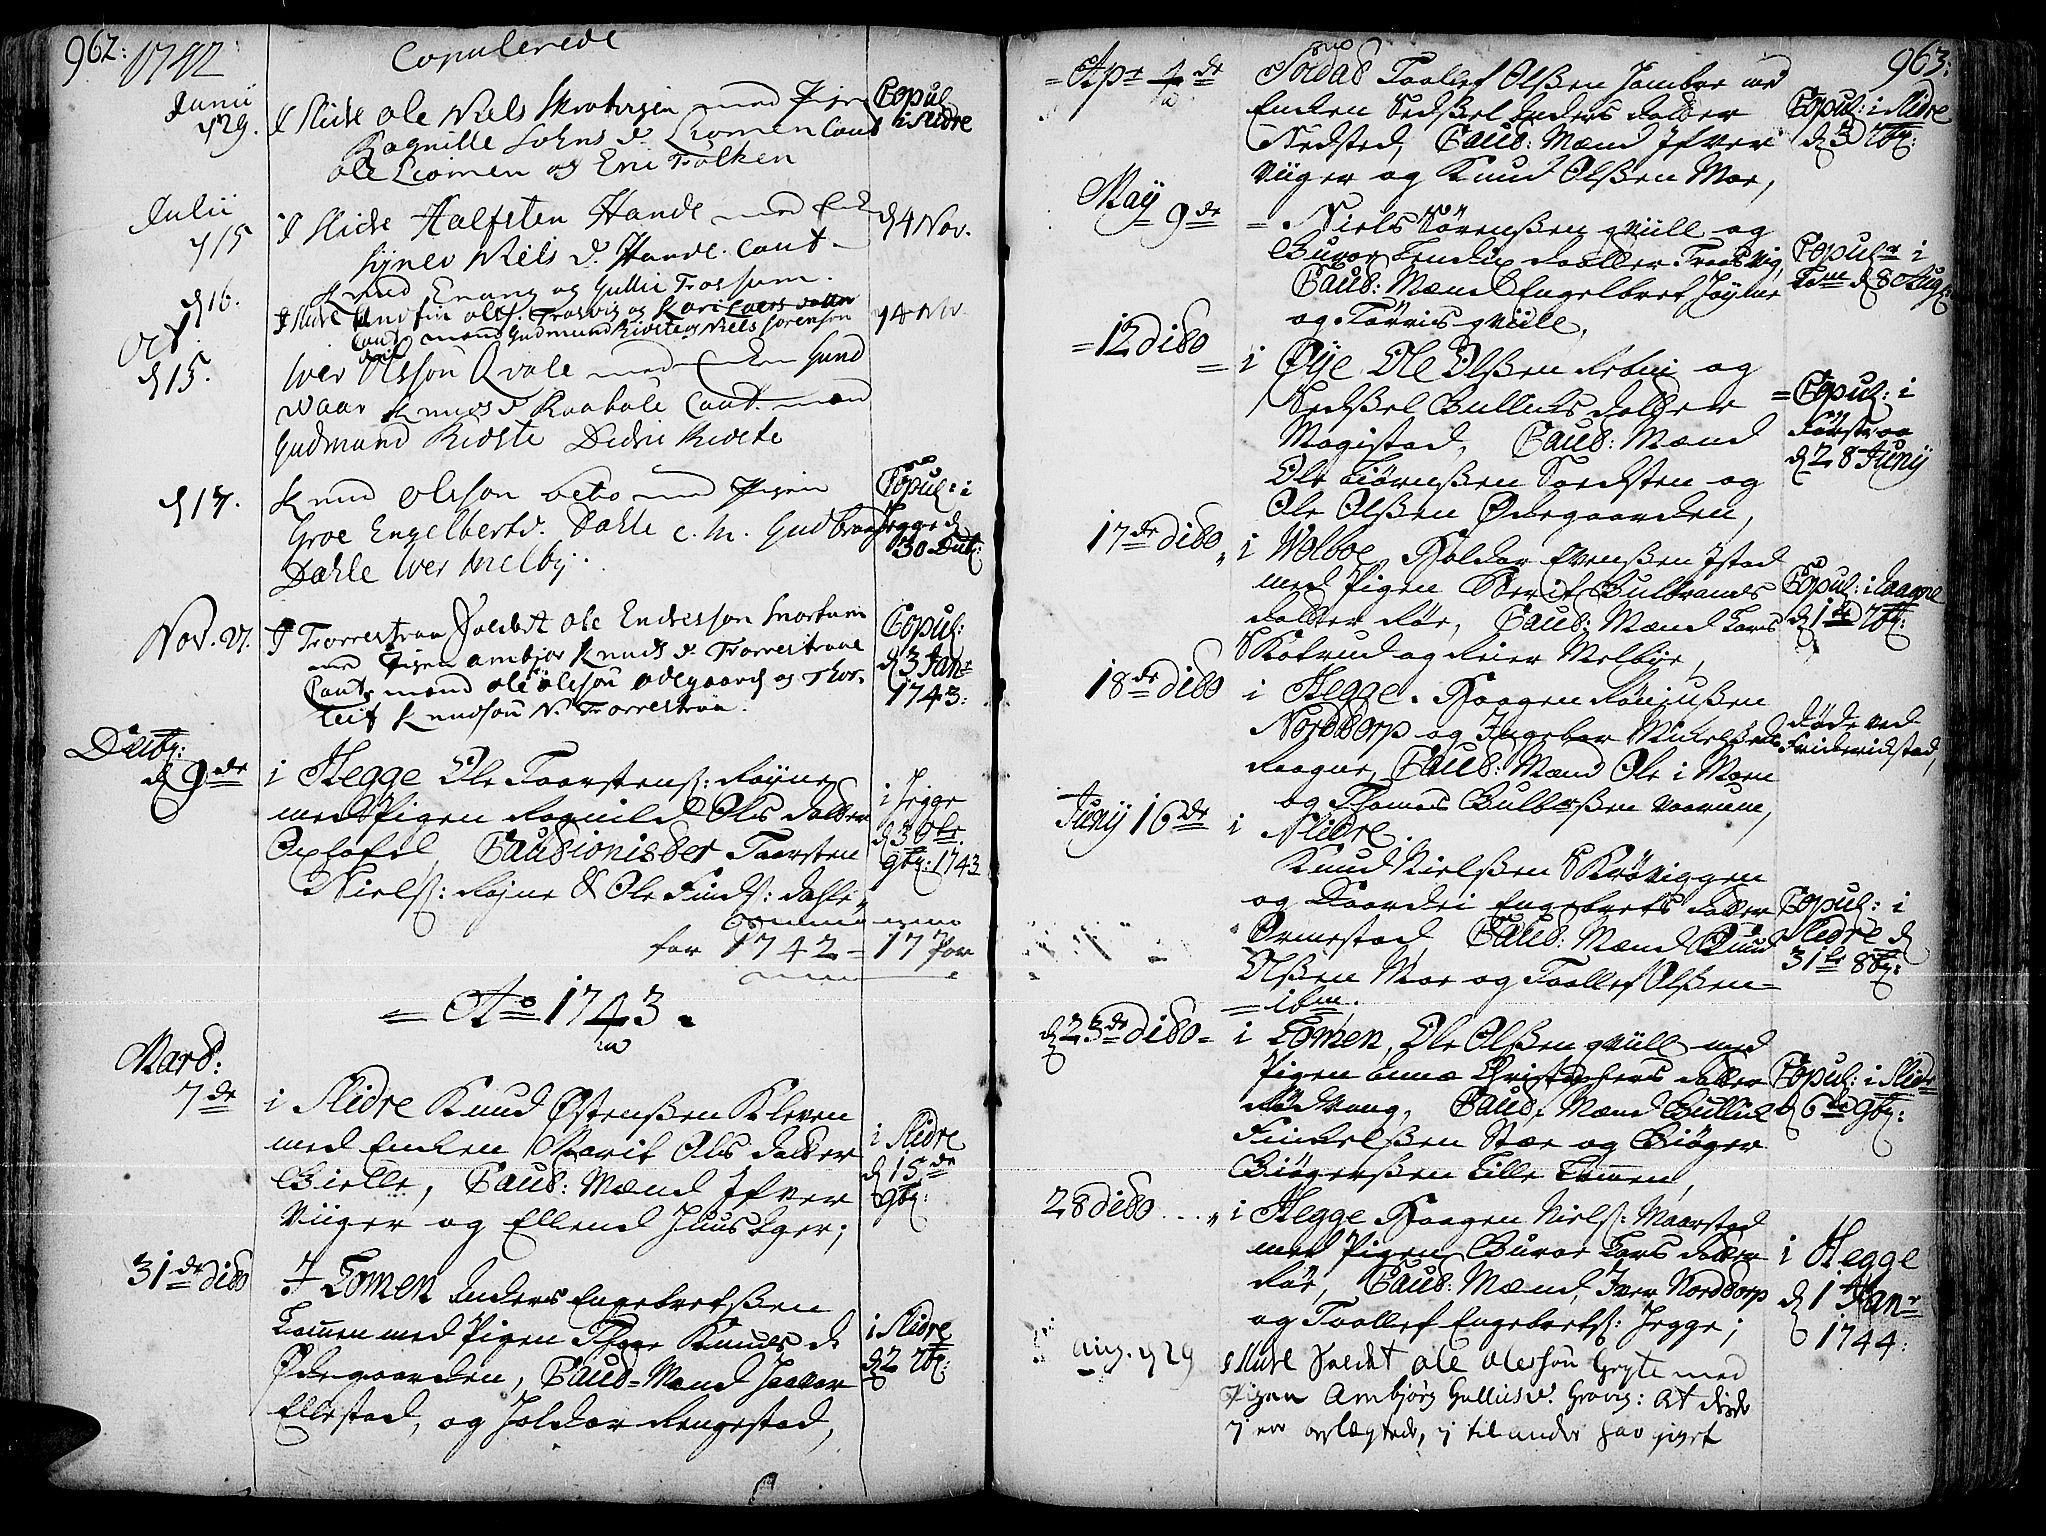 SAH, Slidre prestekontor, Ministerialbok nr. 1, 1724-1814, s. 962-963